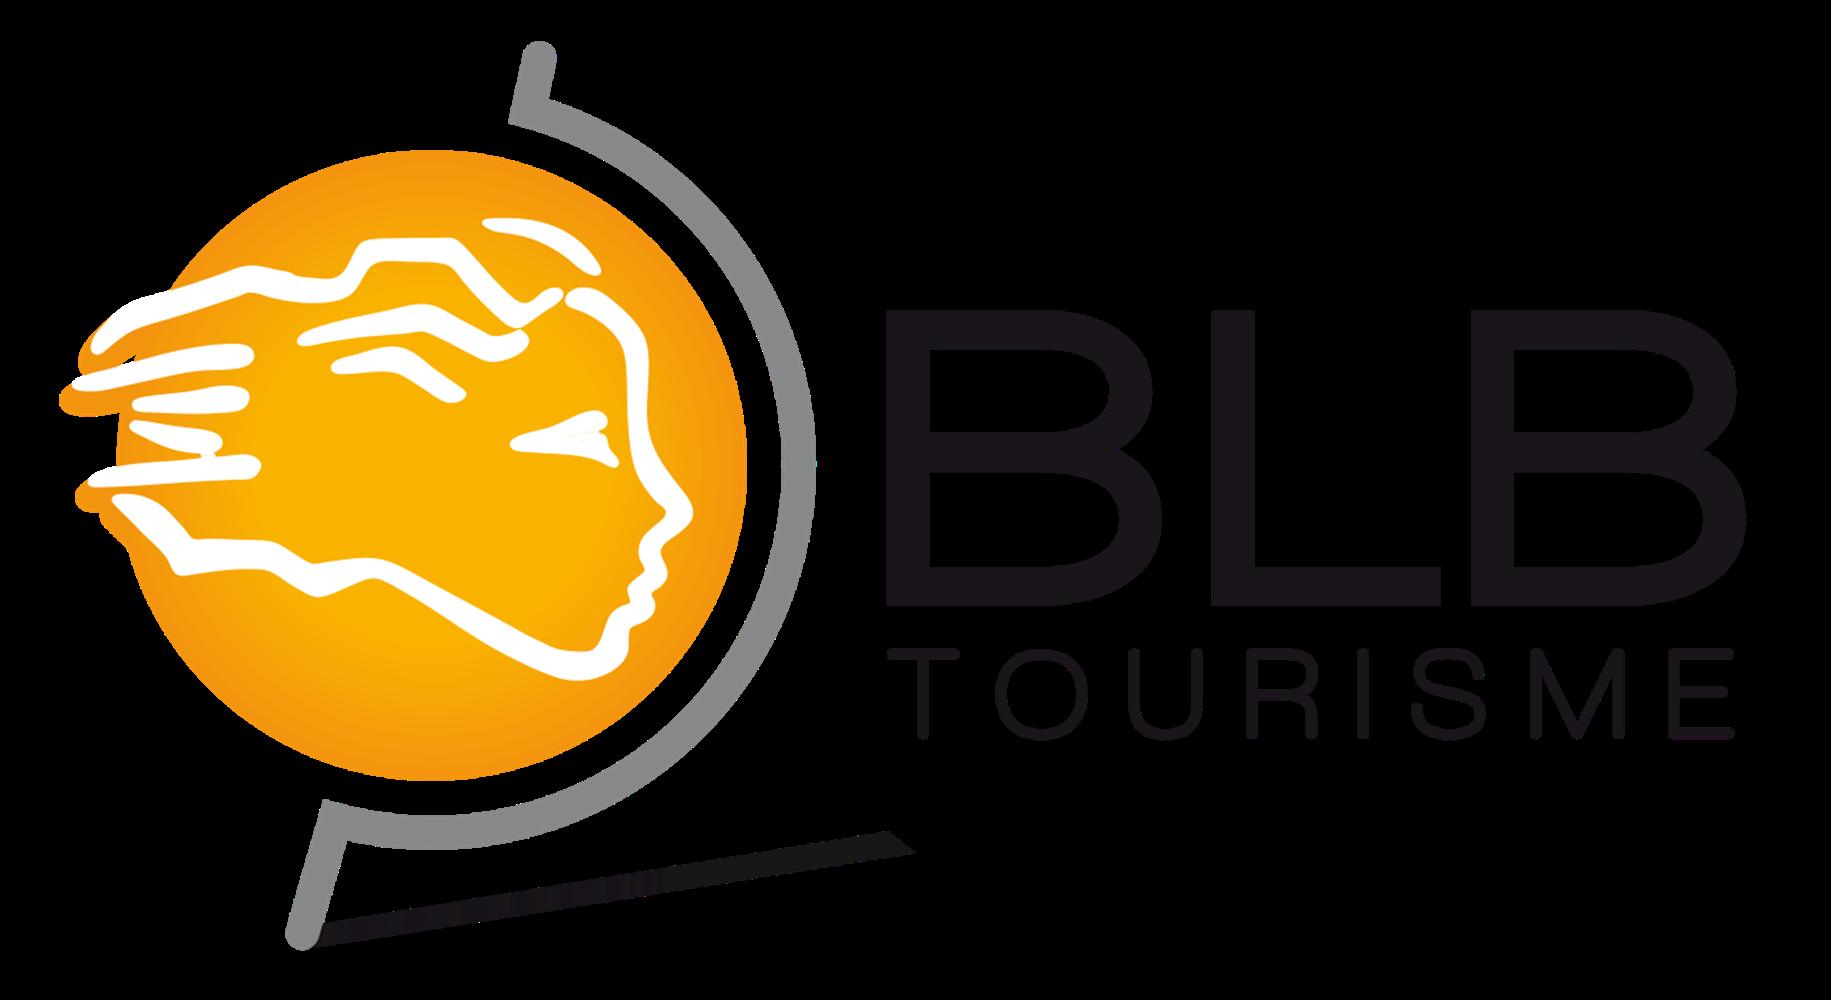 Logo BLB tourisme ©